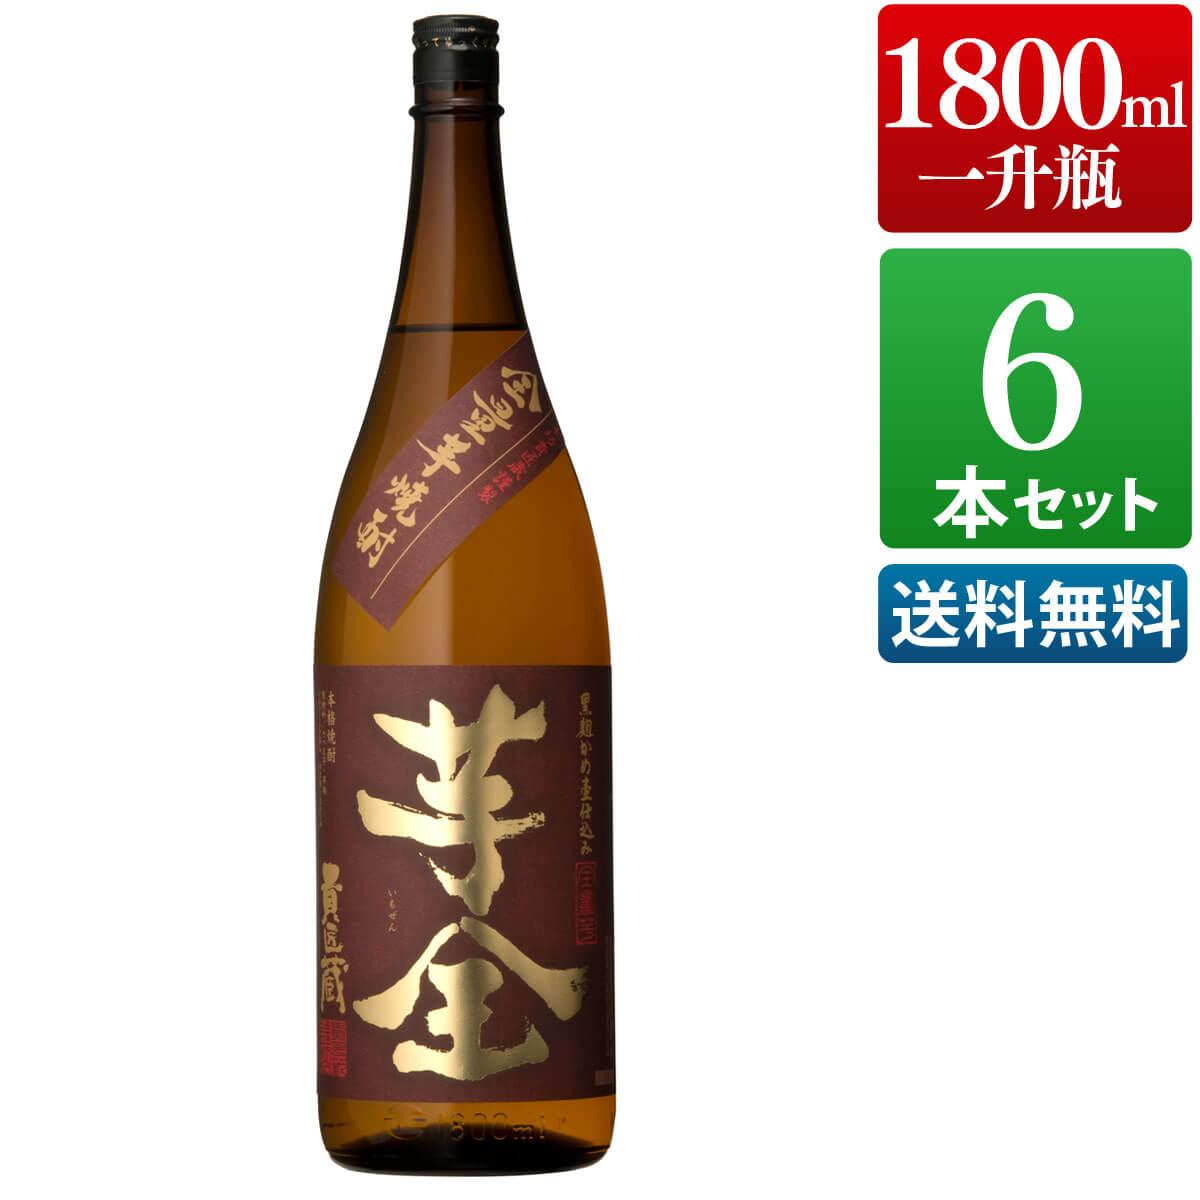 芋焼酎 6本セット 芋全貴匠蔵 25度 1800ml [ 本坊酒造 芋焼酎 / 送料無料 ] 【本坊酒造 公式通販】